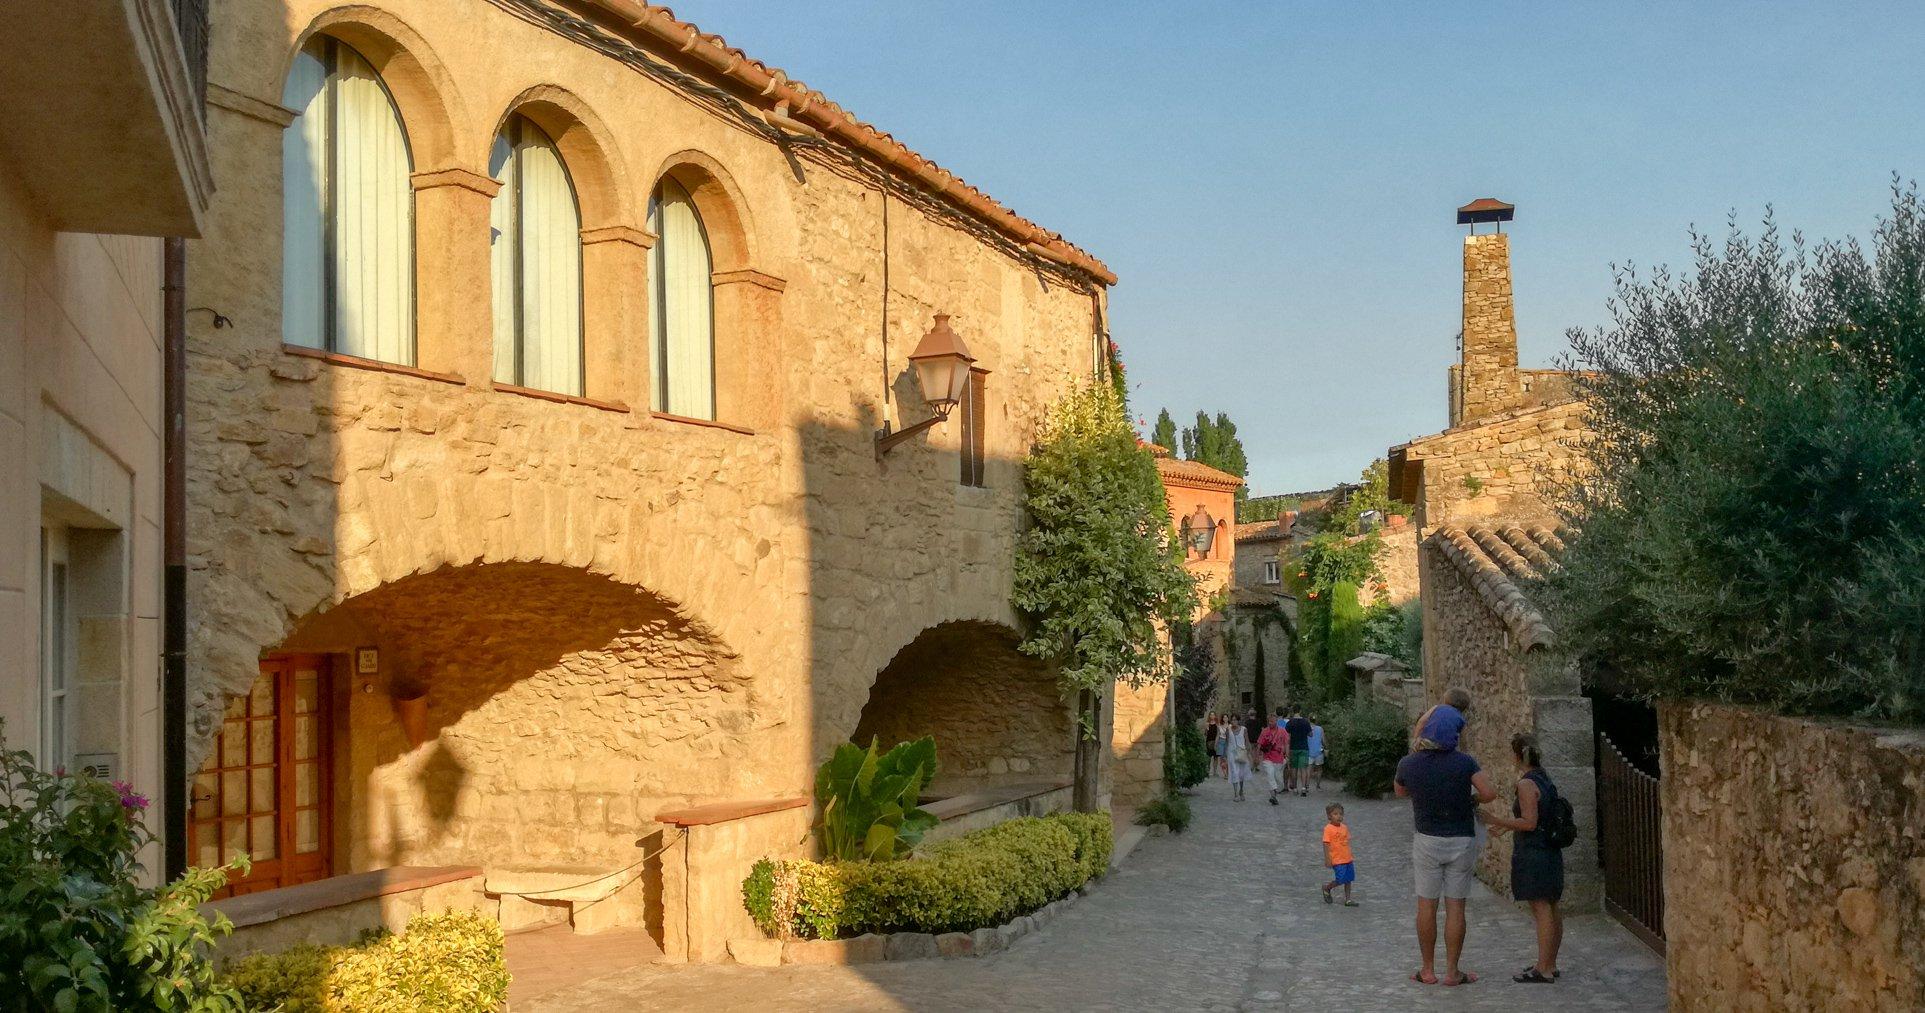 Peratallada medieval vilage